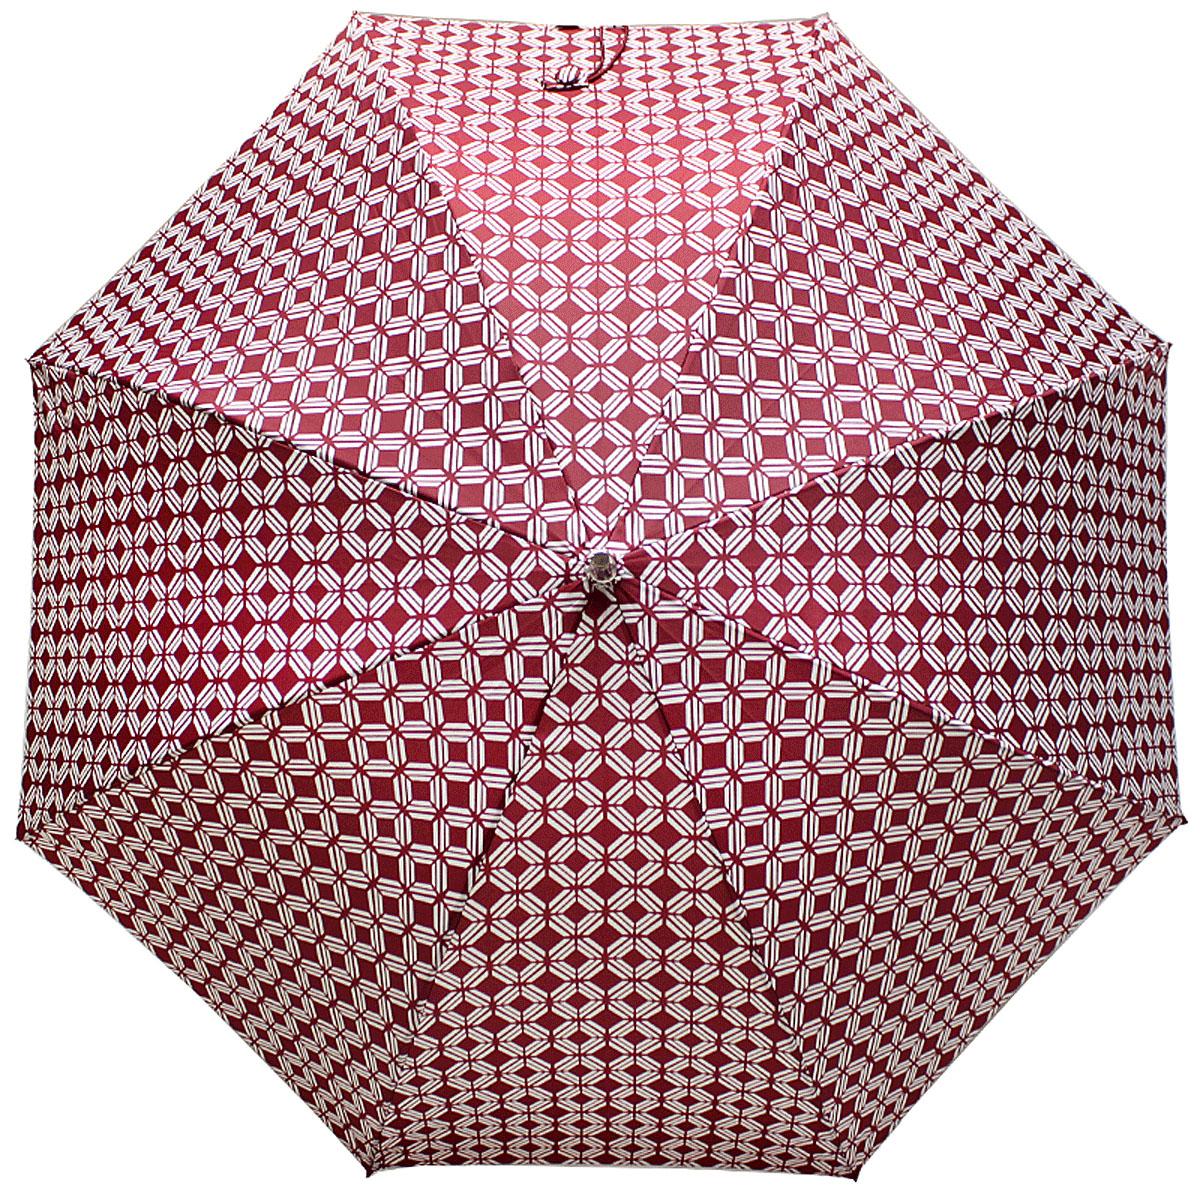 Зонт-трость женский Vogue, Автомат, цвет: красный. 124V-4124V-4Коллекция Vogue, отражающая самые последние тенденции в моде, очень удачно сочетается с практичностью и отличным качеством испанских зонтов, применение в производстве каркасов современных материалов уменьшает вес зонтиков и гарантирует надежность и качество. Рекомендации по использованию: Мокрый зонт нельзя оставять сложенным. Зонт после использования рекомндуется сушить в полураскрытом виде вдали от нагревательных приборов. Чистить зонт рекомендуется губкой, используя мягкие нещелочные растворы.